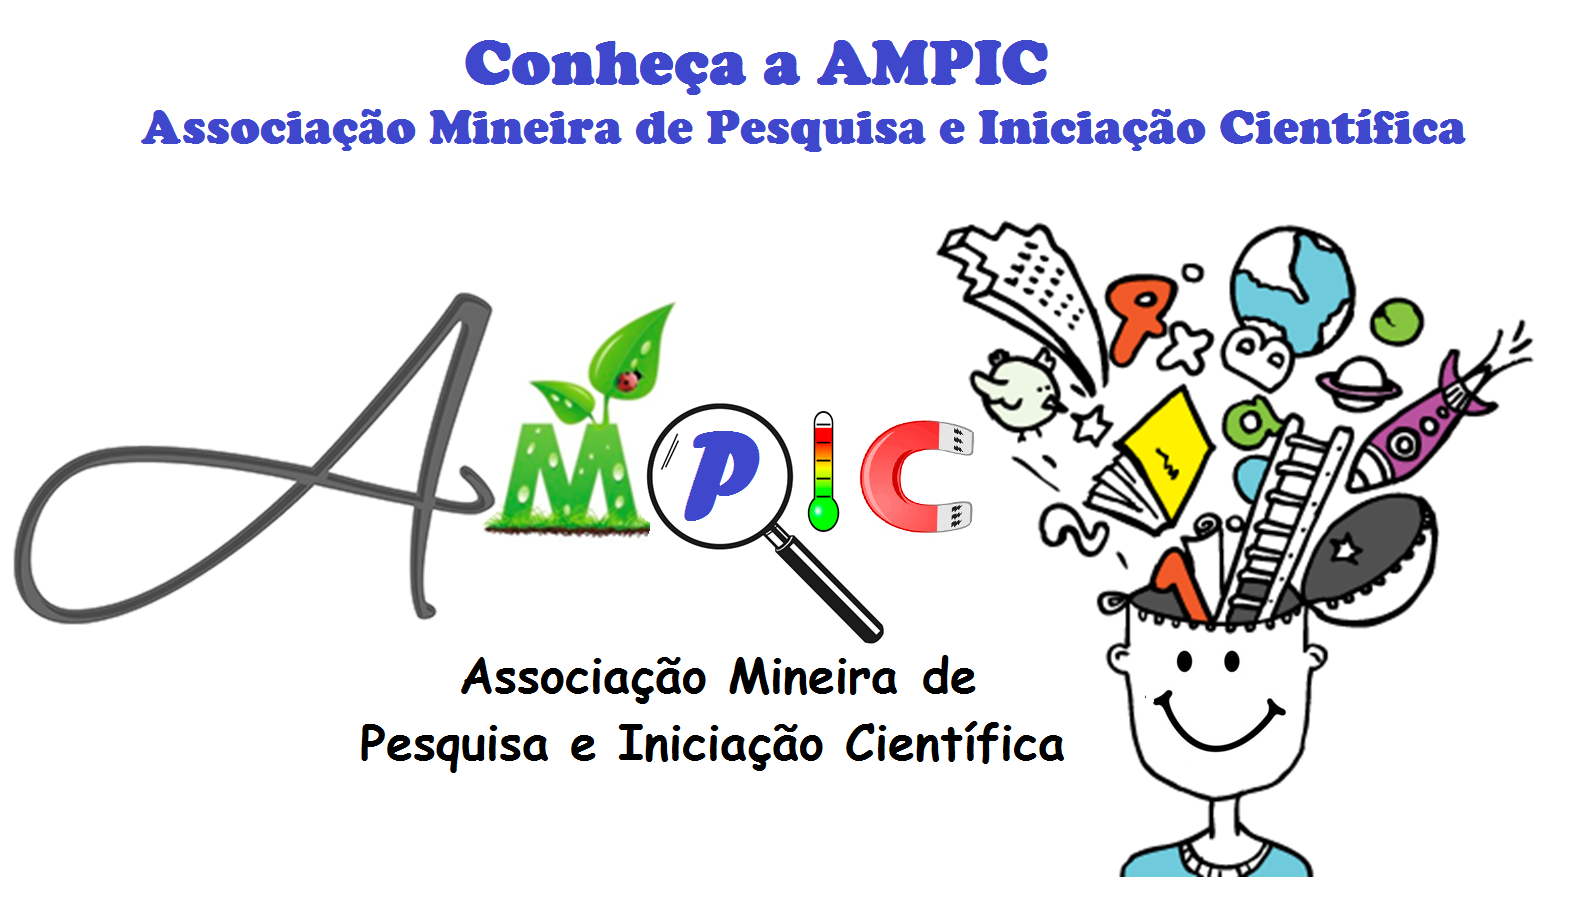 Conheça o trabalho voluntário da AMPIC